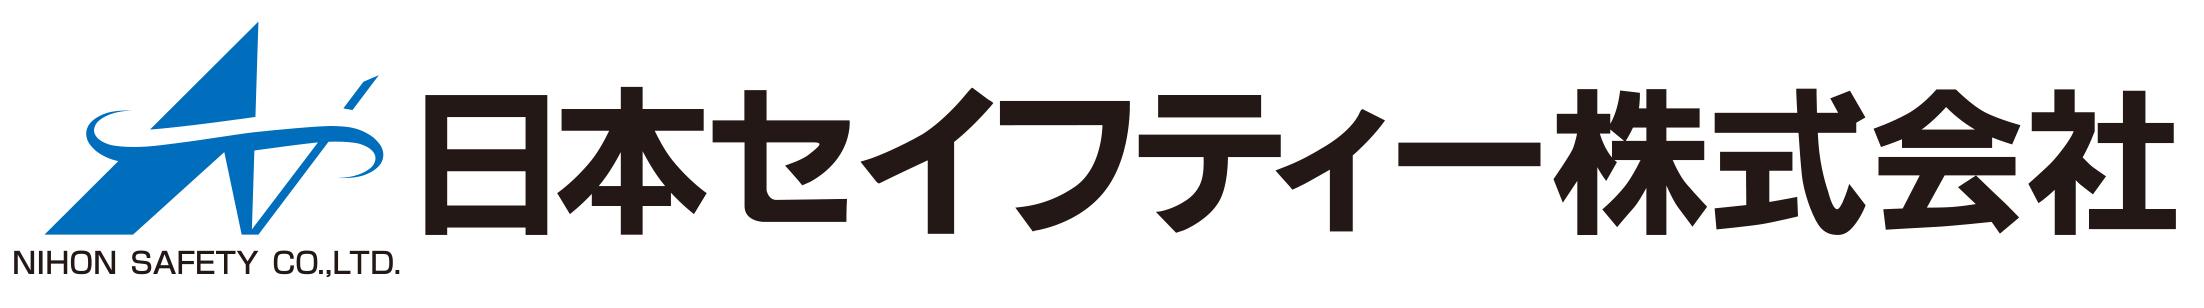 日本セイフティー株式会社